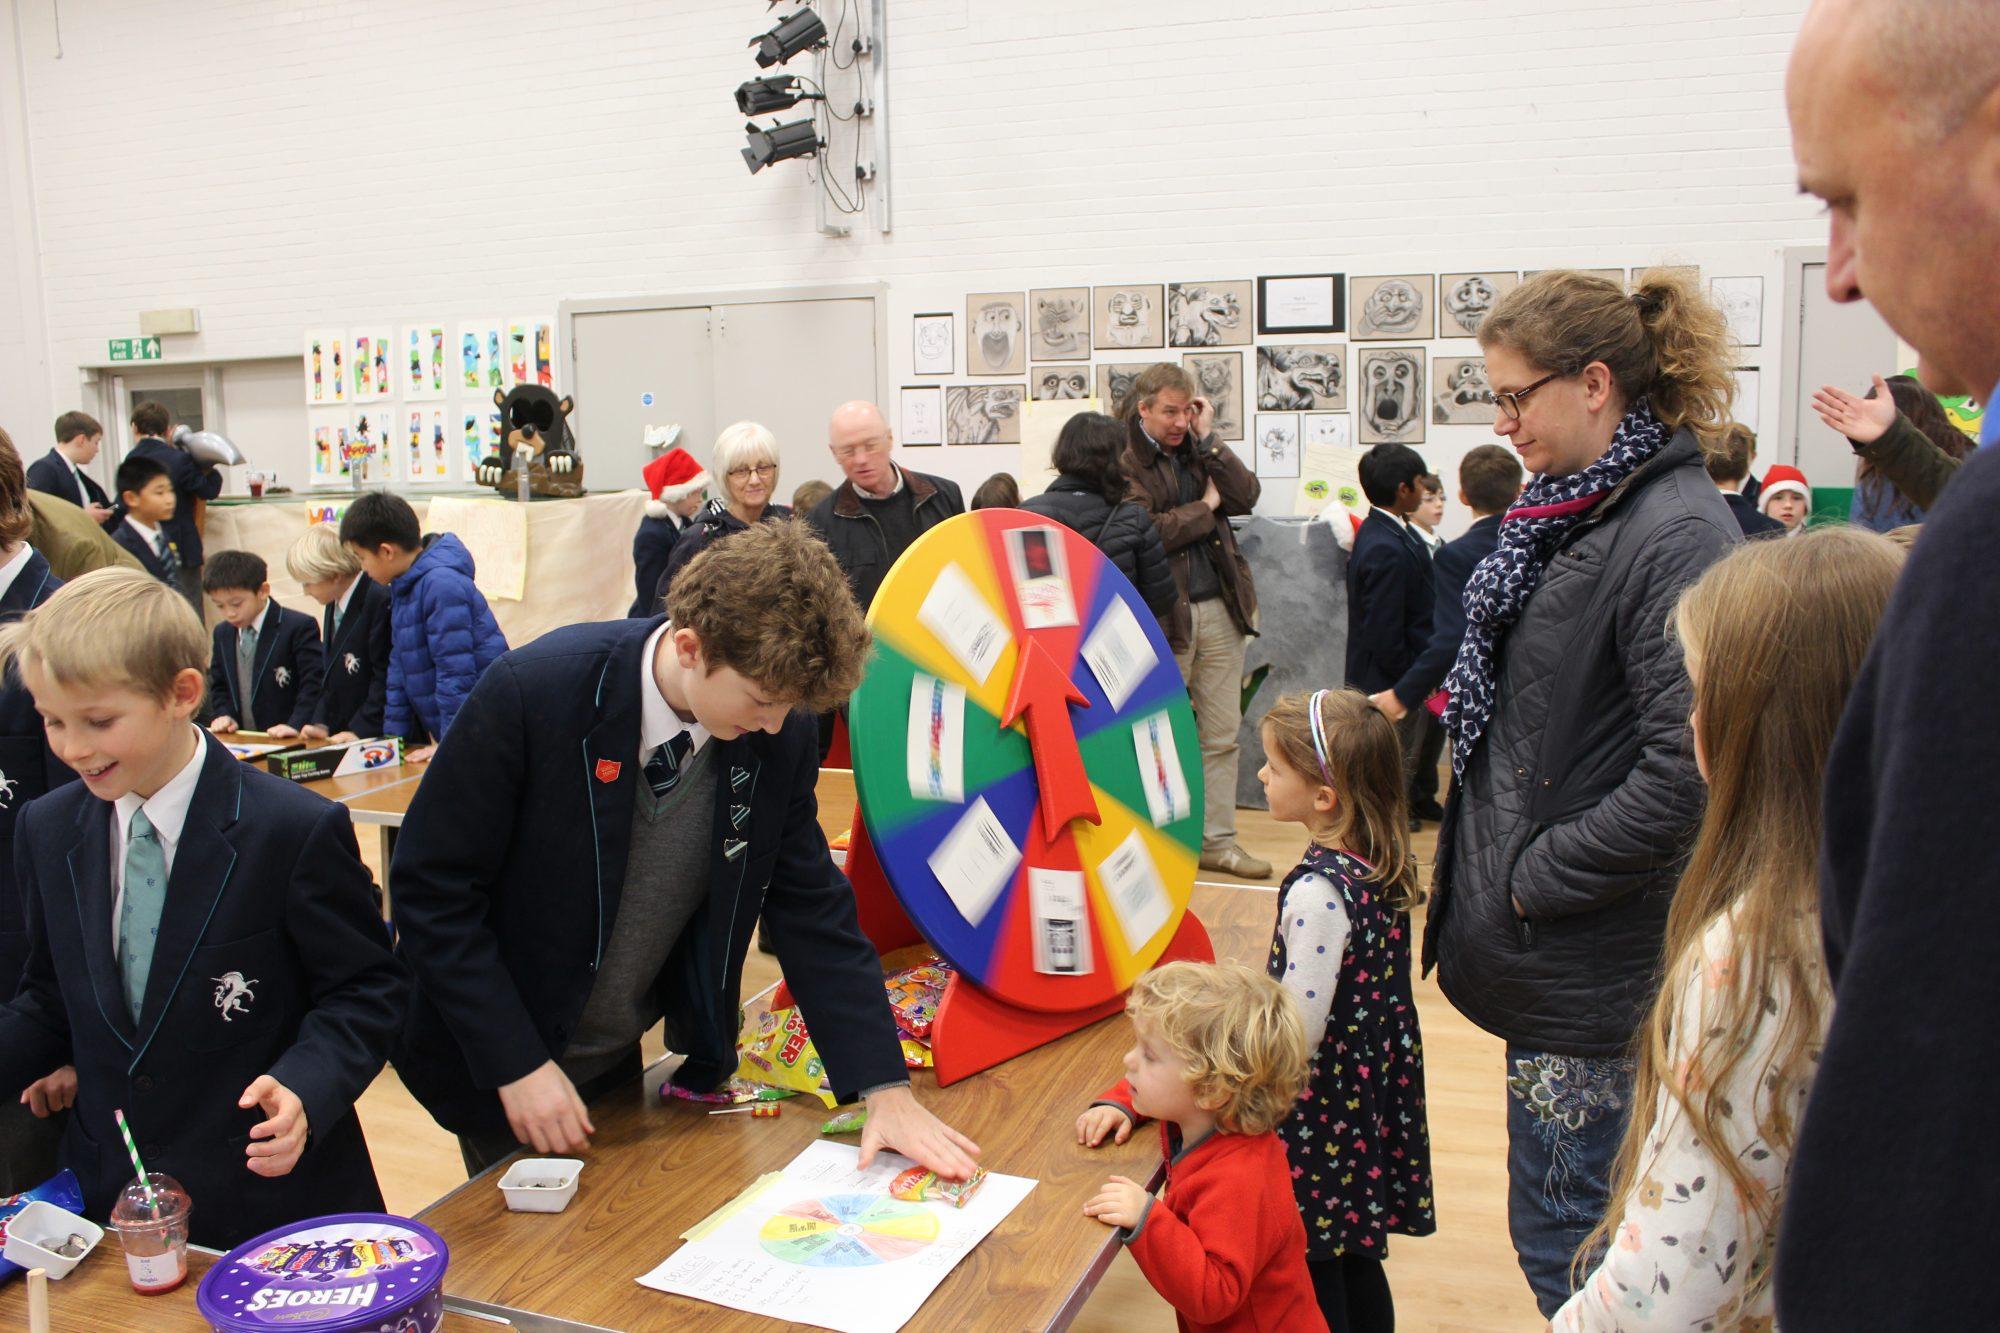 Abingdon Prep School Parents' Association event